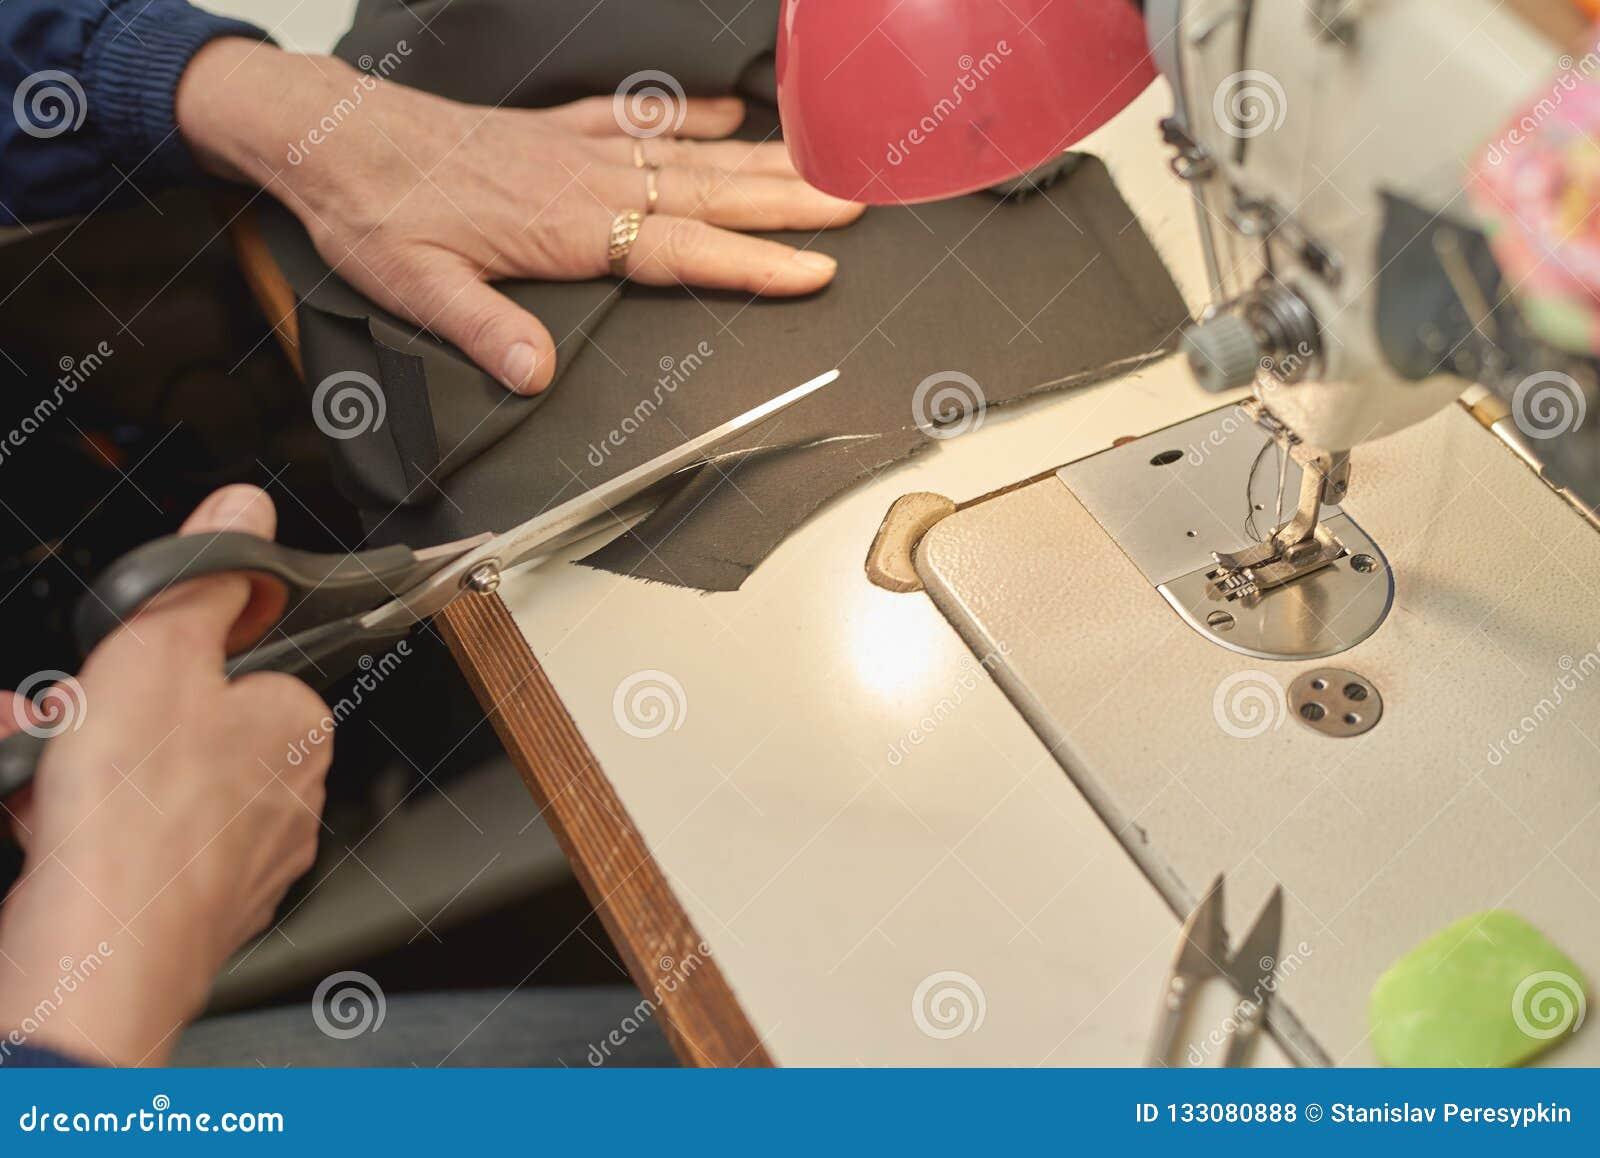 Una mujer corta el material antes de procesar en la máquina de coser